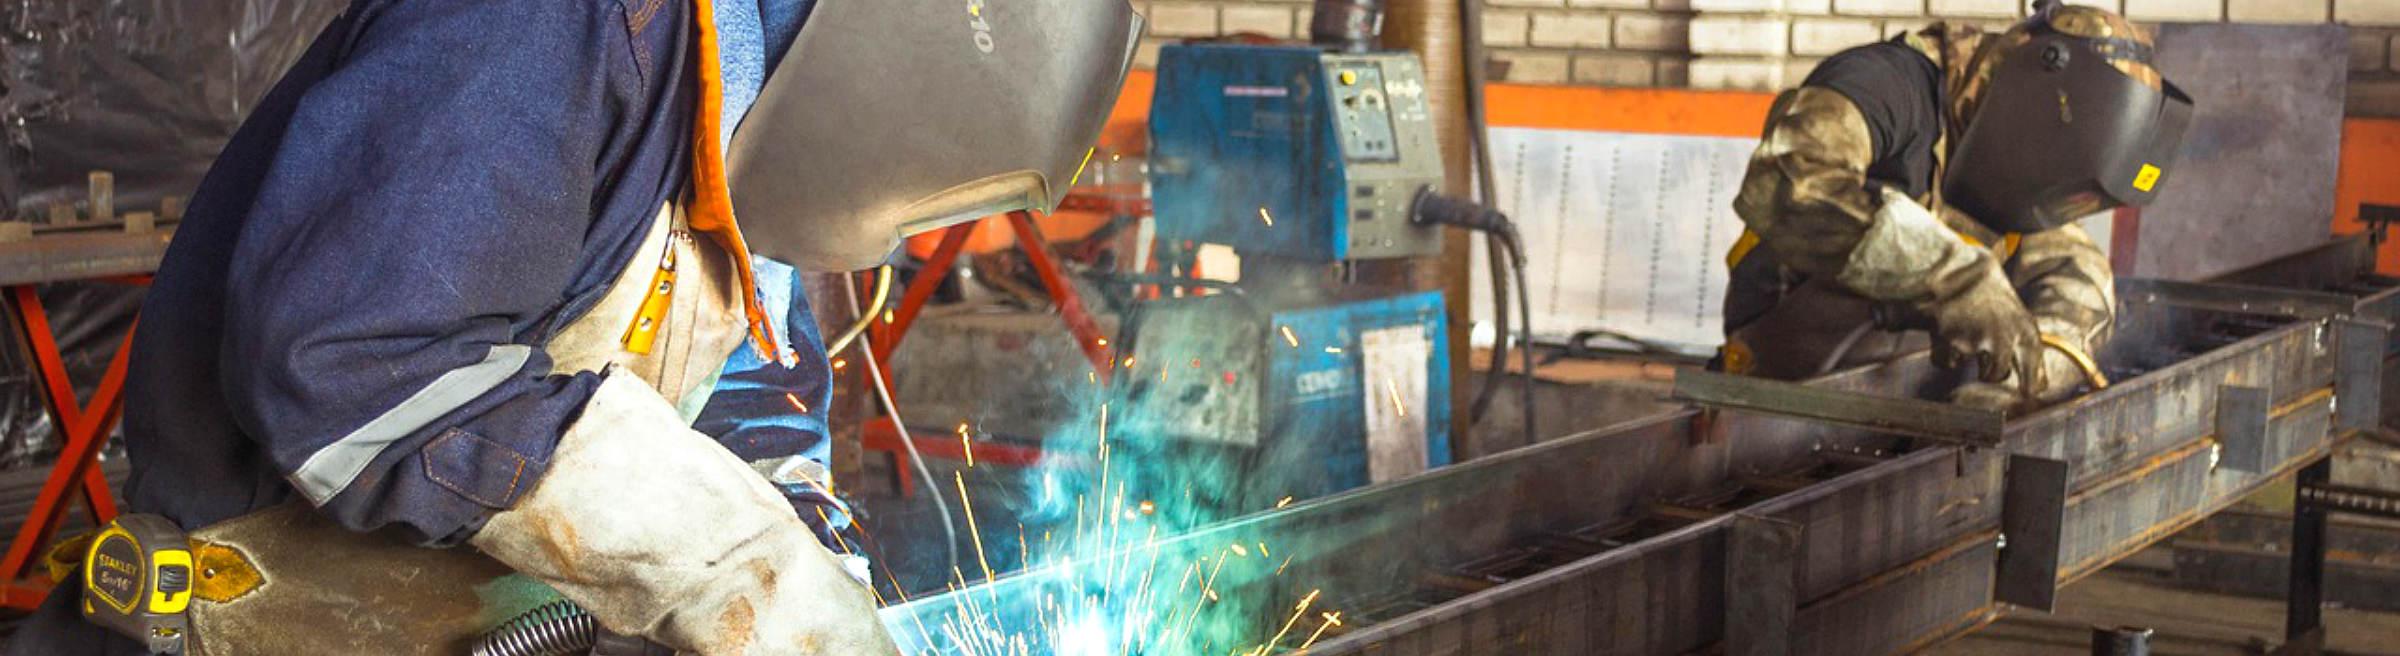 Deux ouvriers d'une métallurgie